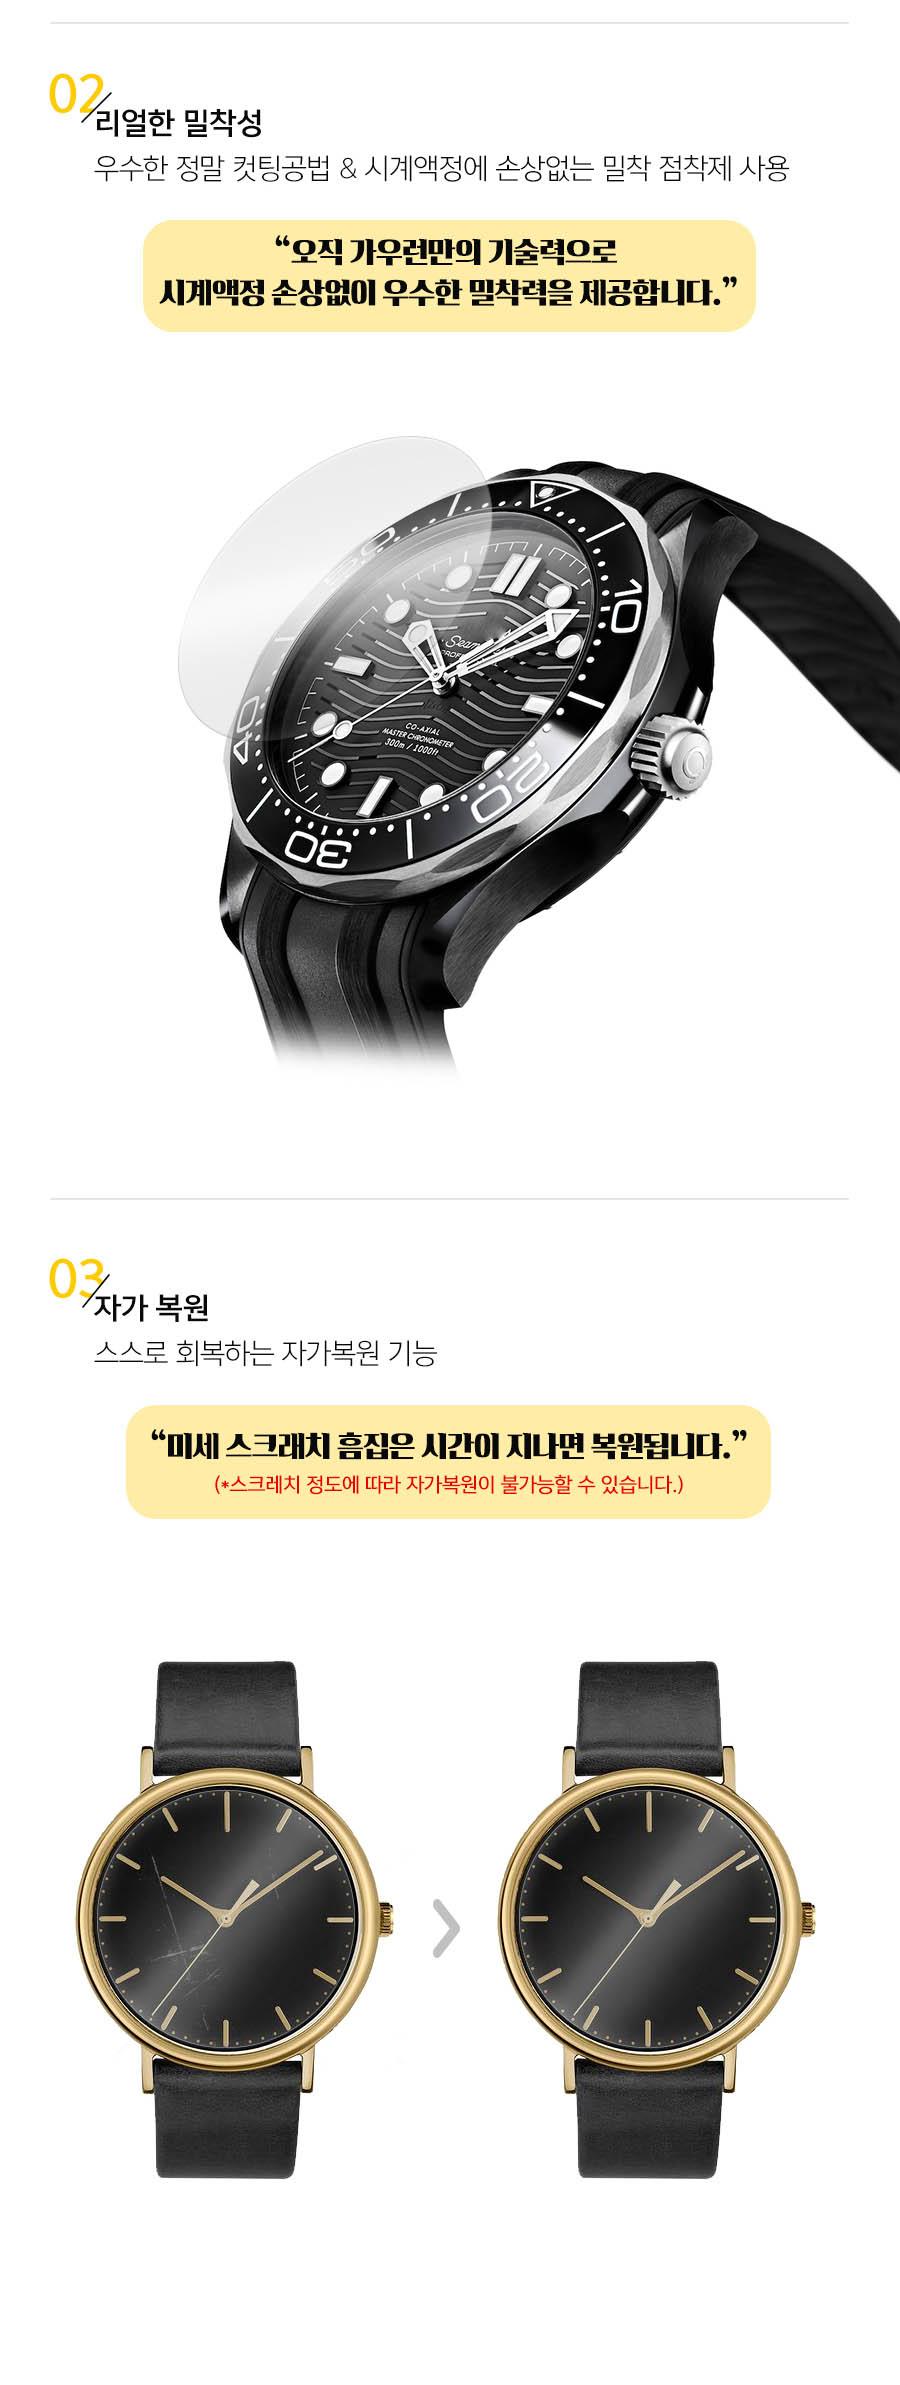 시계 21mm-45mm 풀커버 리얼커브드 핏 액정보호필름 3매 - 가우런, 11,900원, 시계ACC, 시계악세서리